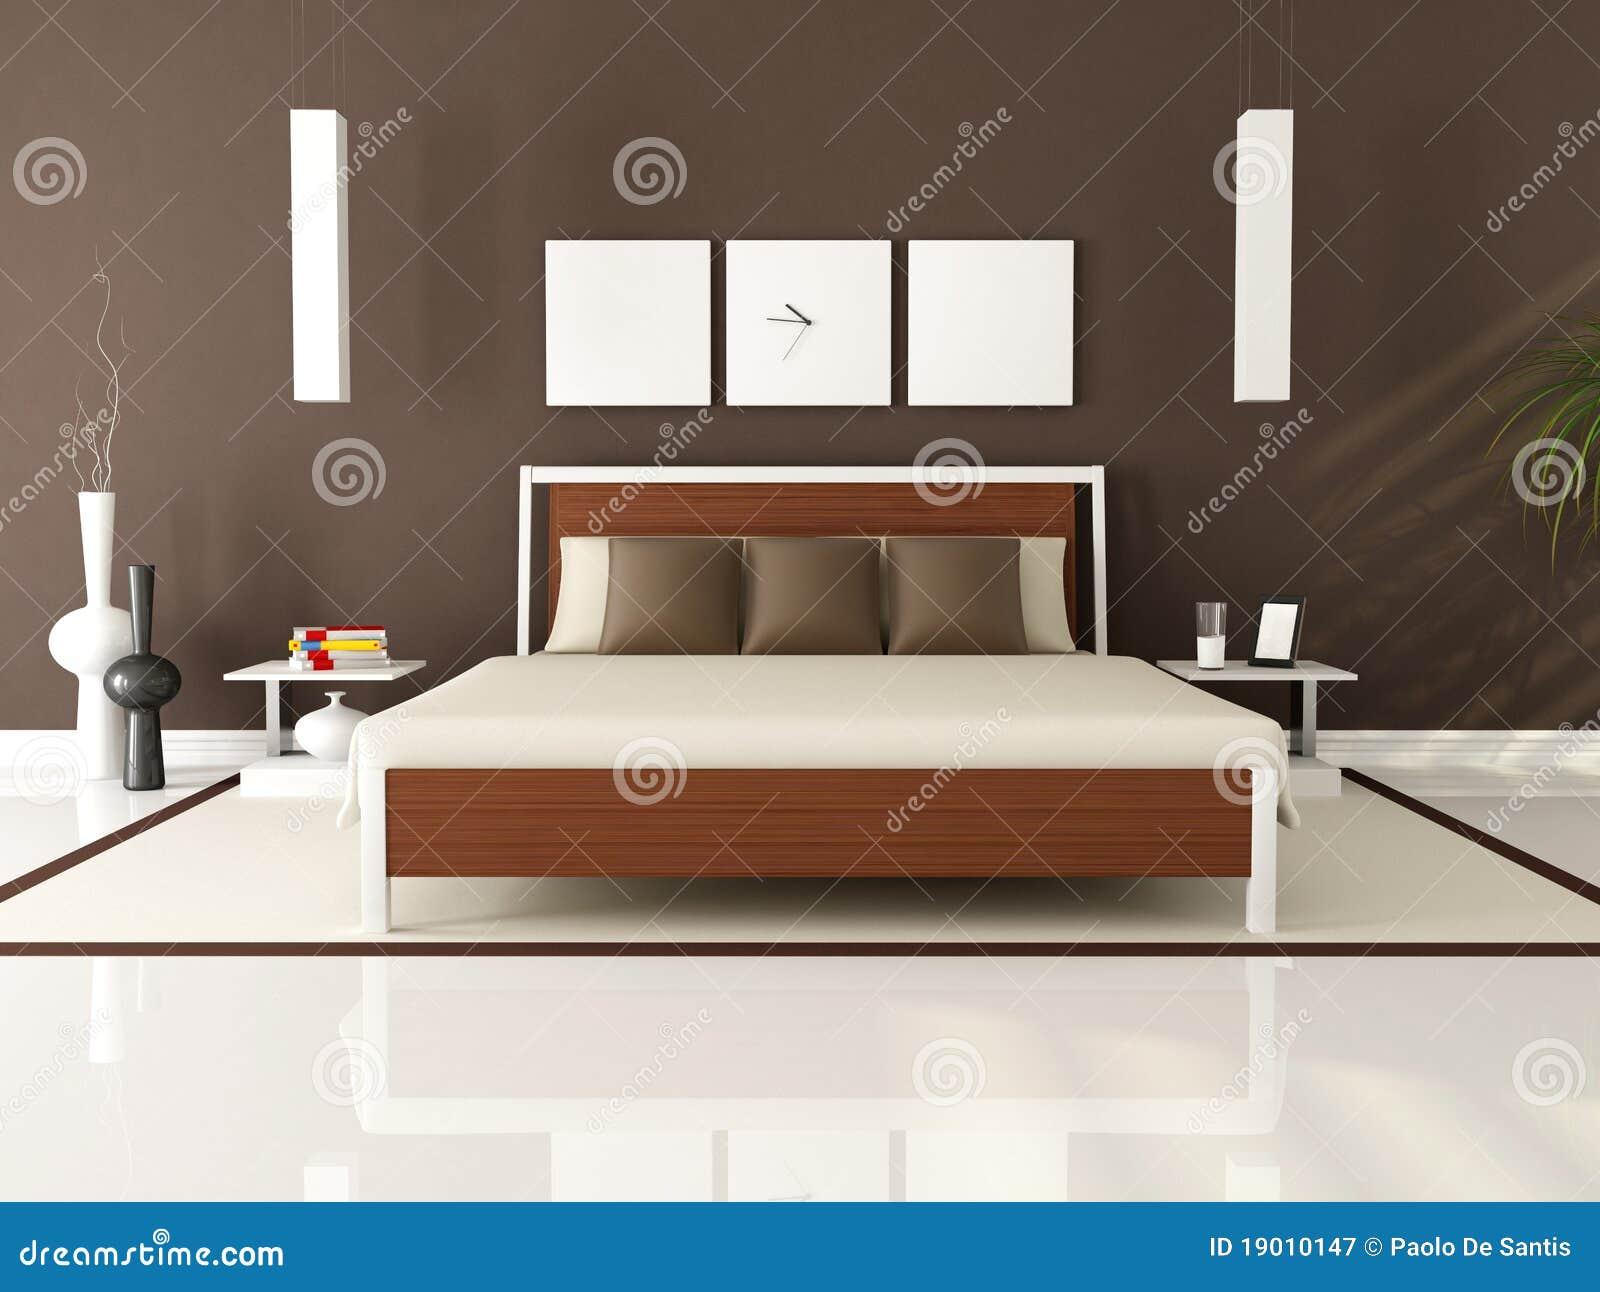 Brown-modernes Schlafzimmer Stock Abbildung - Illustration von relax ...